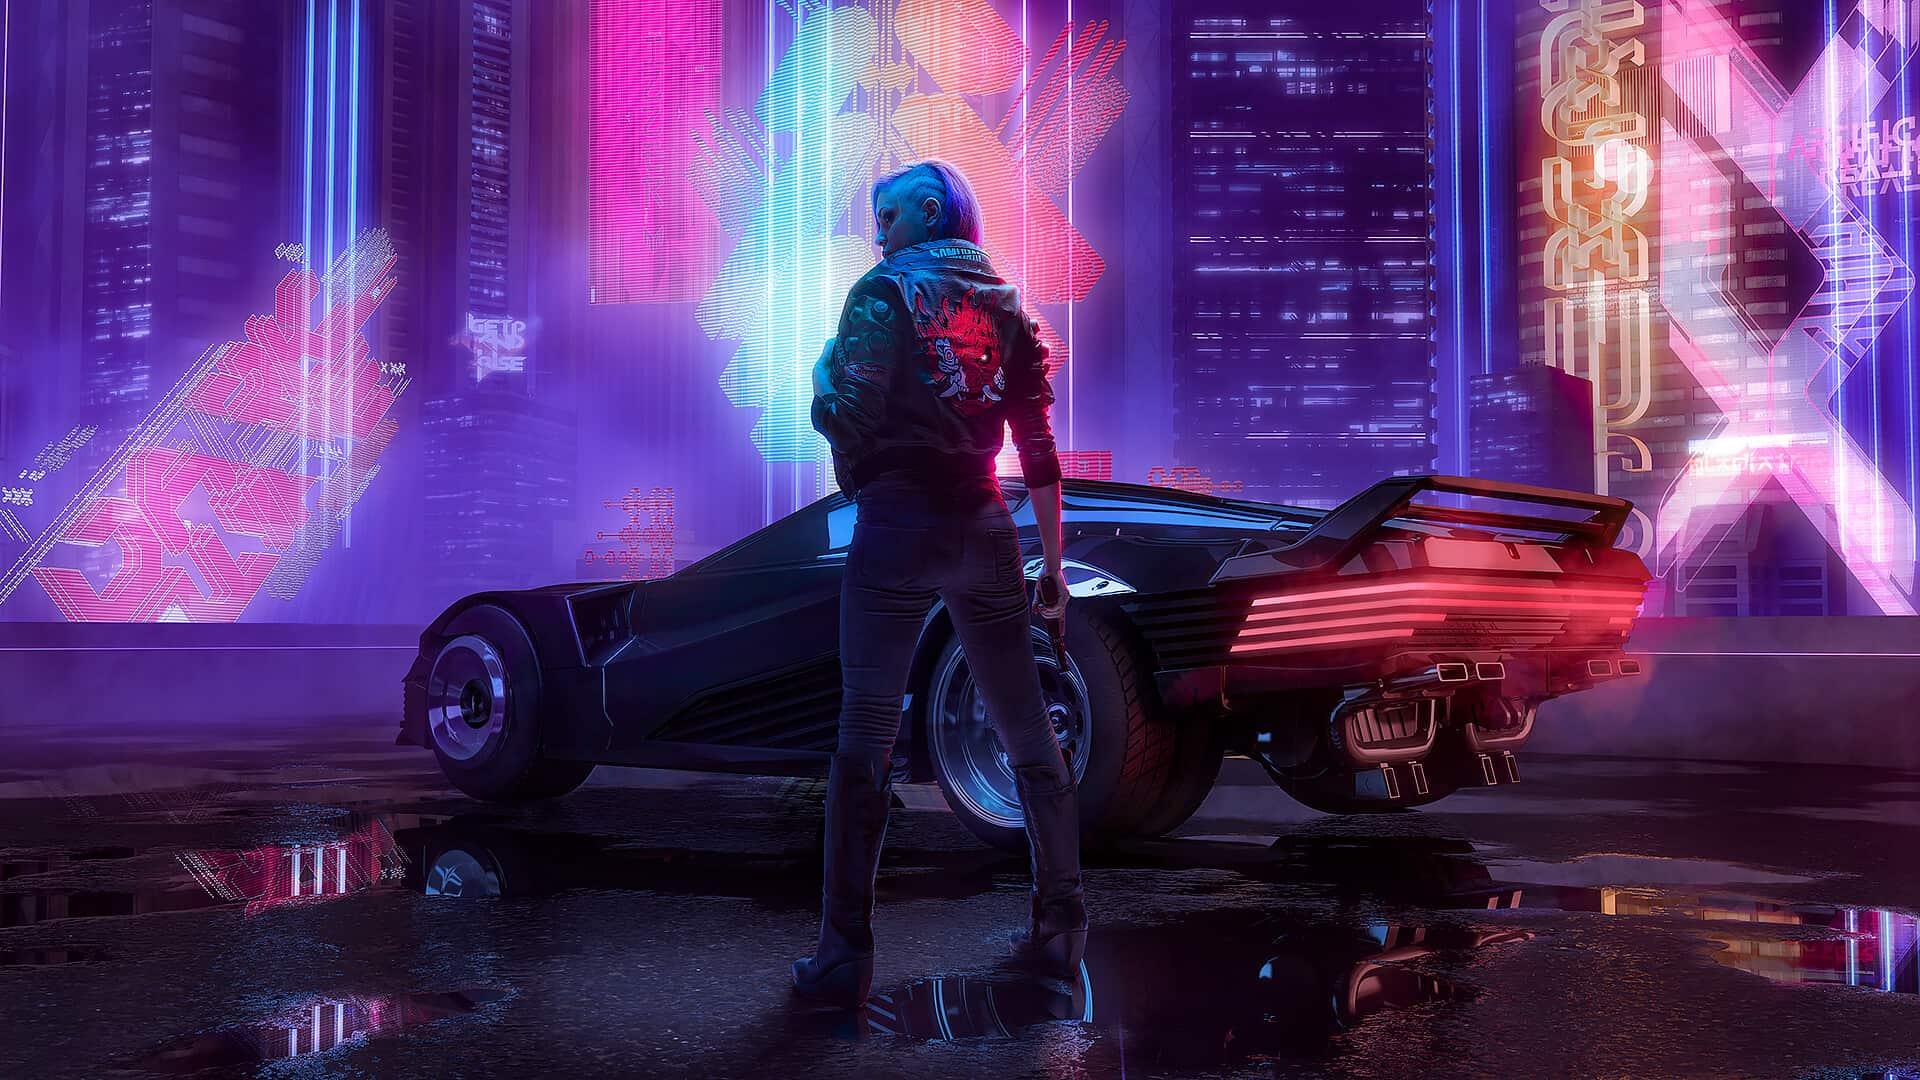 صورة لعبة Cyberpunk 2077 ستحصل على إستعراض جديد بحدث IGN Summer of Gaming